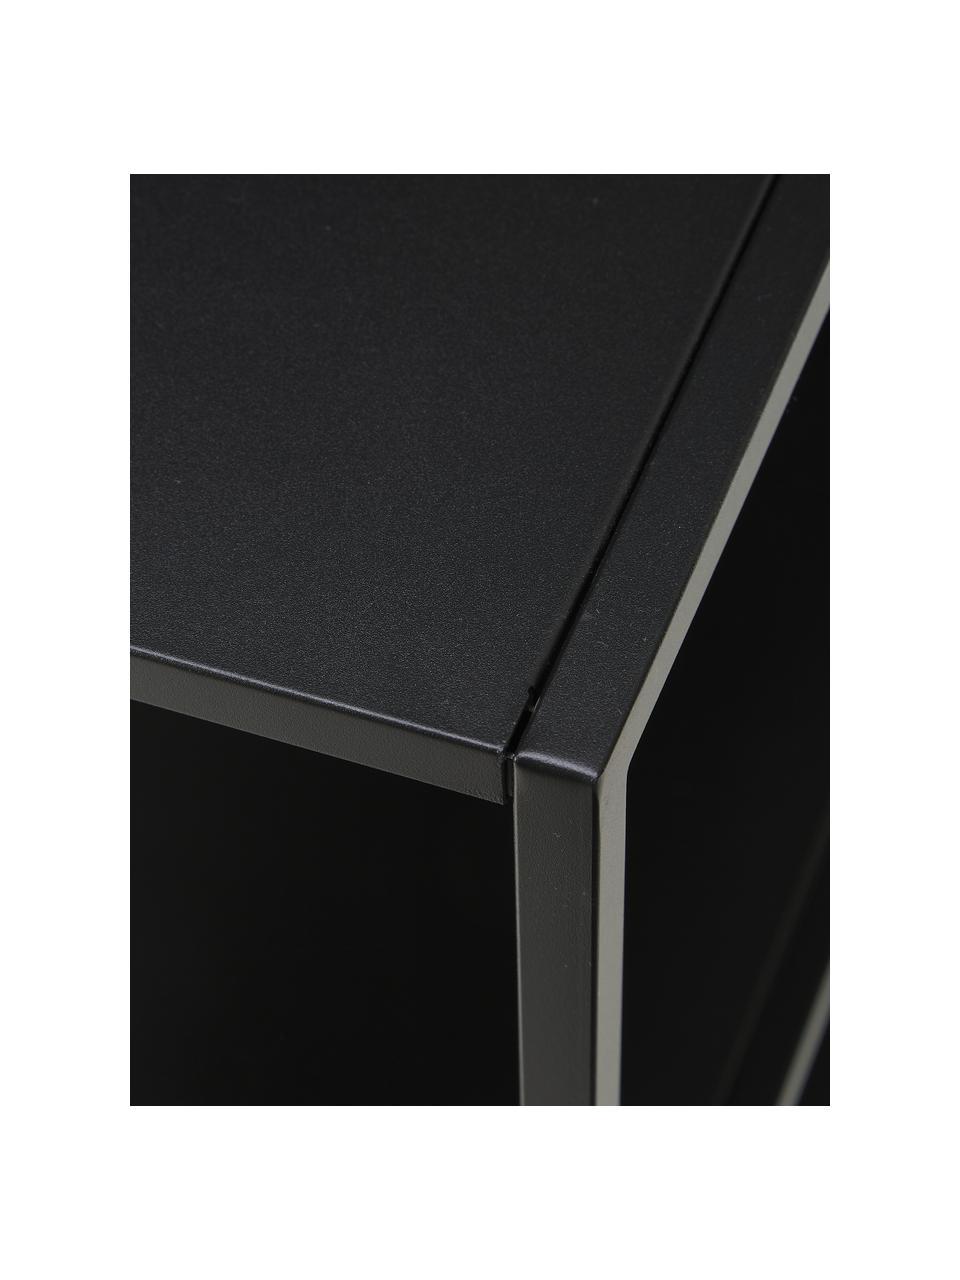 Libreria in metallo nero Neptun, Metallo rivestito, Nero, Larg. 120 x Alt. 80 cm